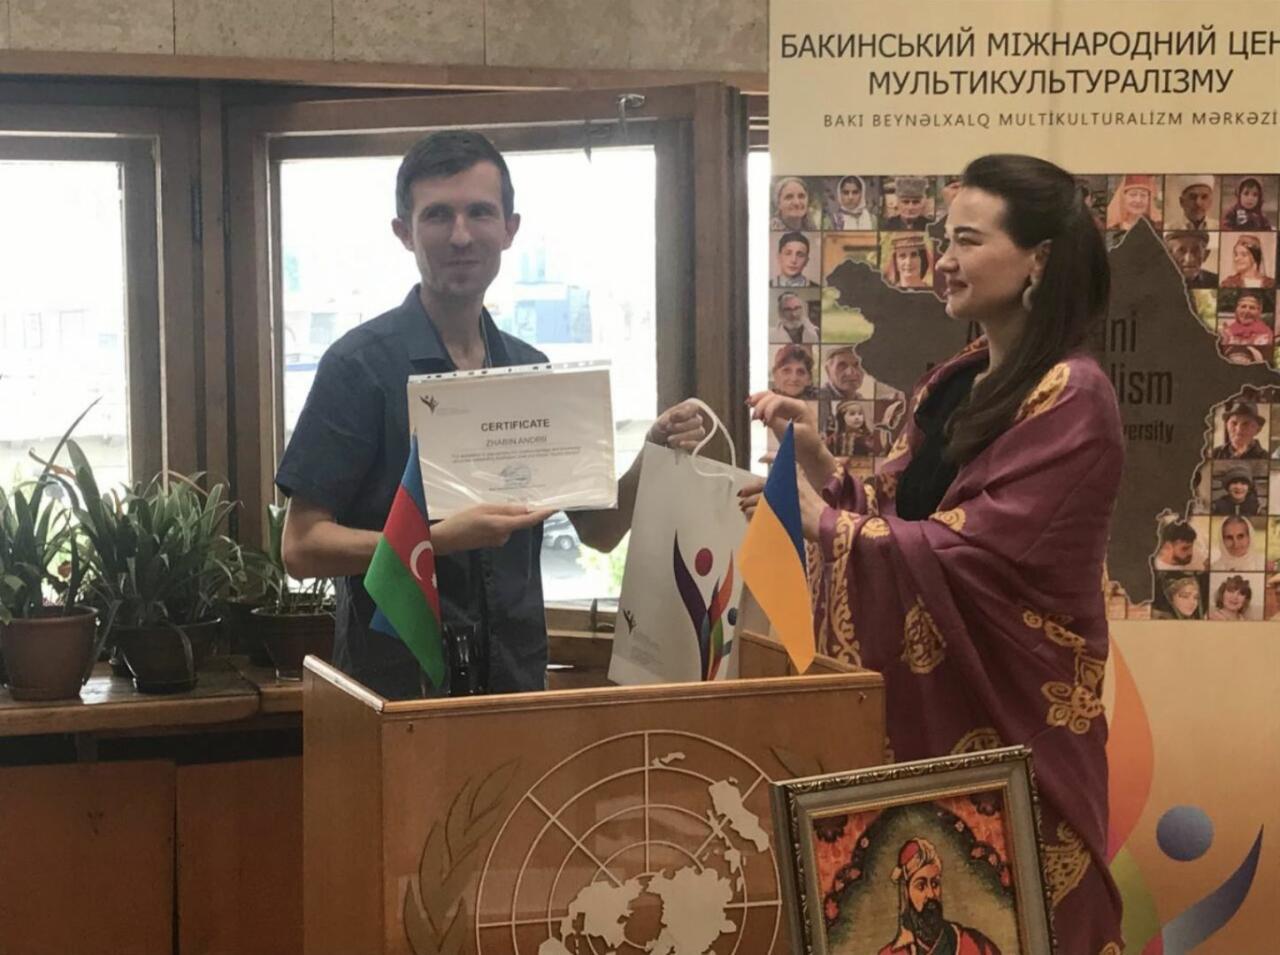 В Украине представлено уникальное исследование о творчестве Низами Гянджеви